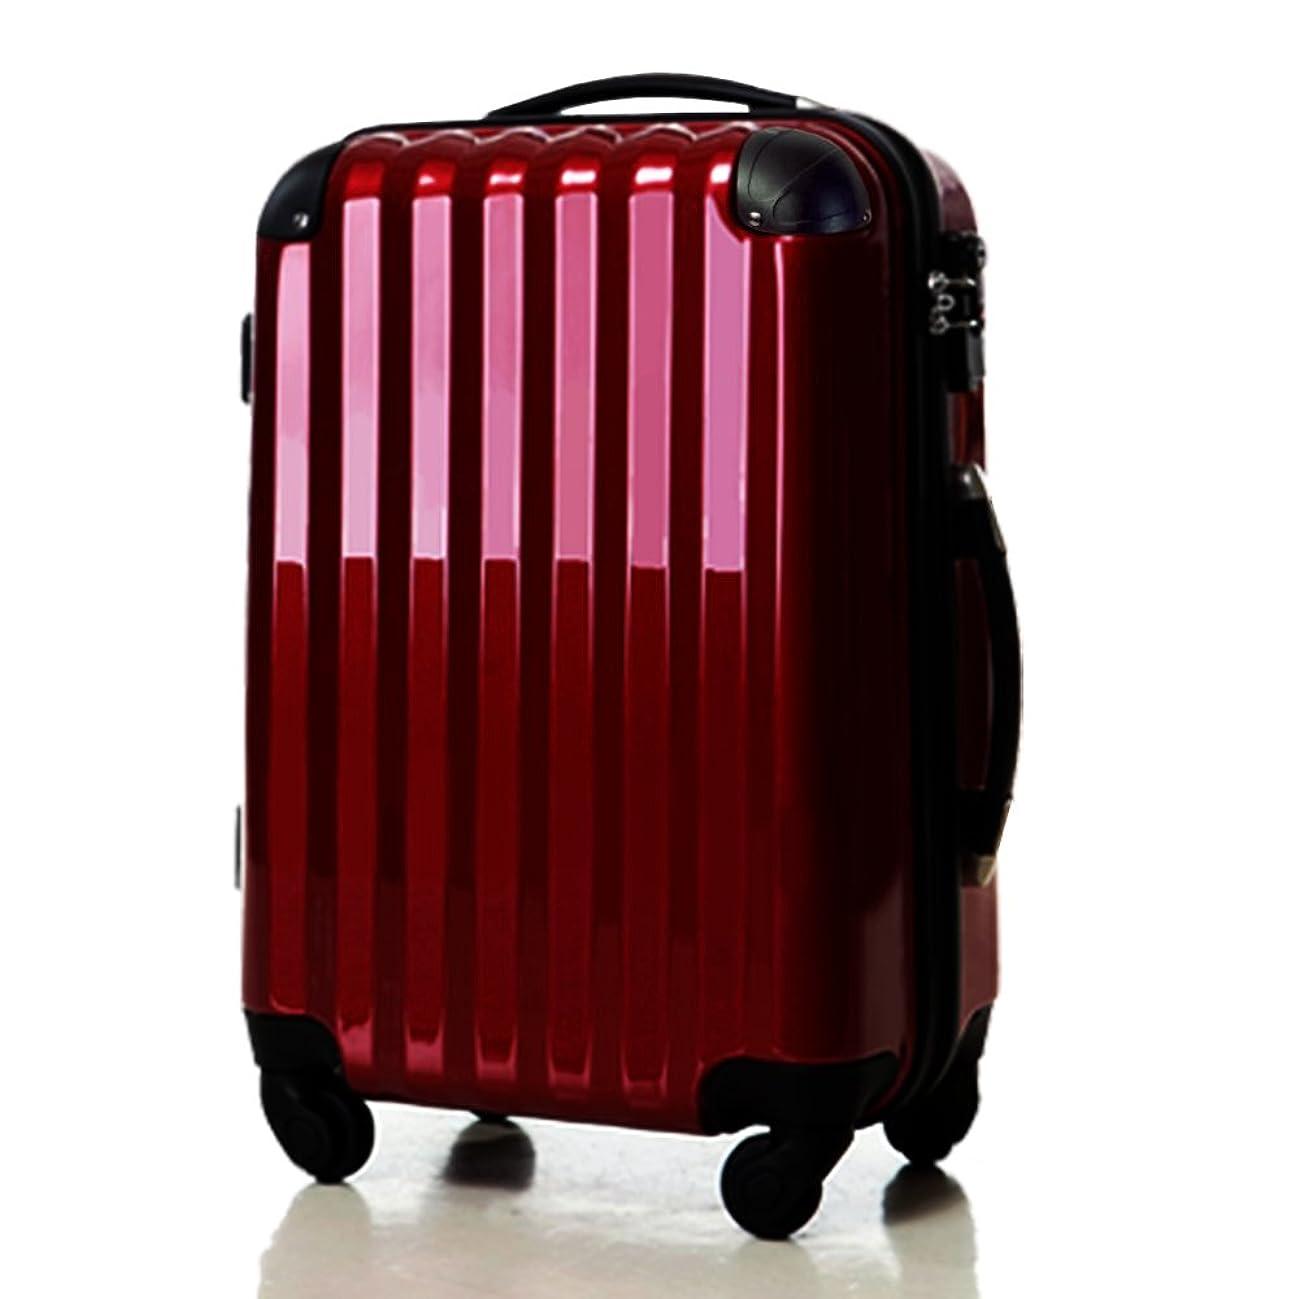 北米しわ懐疑論スーツケース中型?超軽量?Mサイズ?TSAロック搭載?旅行かばん? キャリーバッグ?激安 1年保証付き 6202M